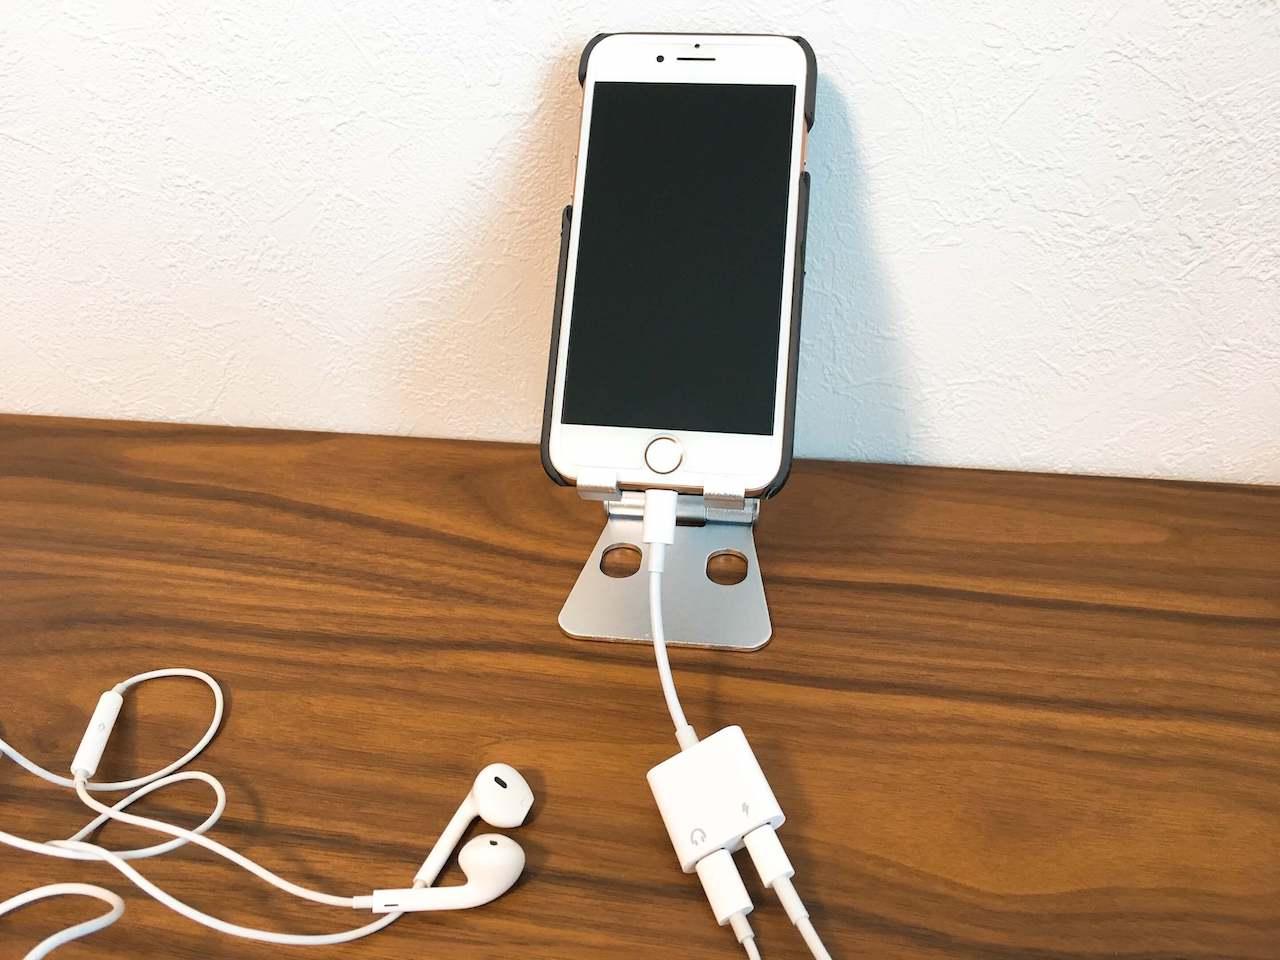 卓上のスマホスタンドにiPhoneを設置。アダプターを使ってイヤホンと充電ケーブルを繋いだ状態の写真です。